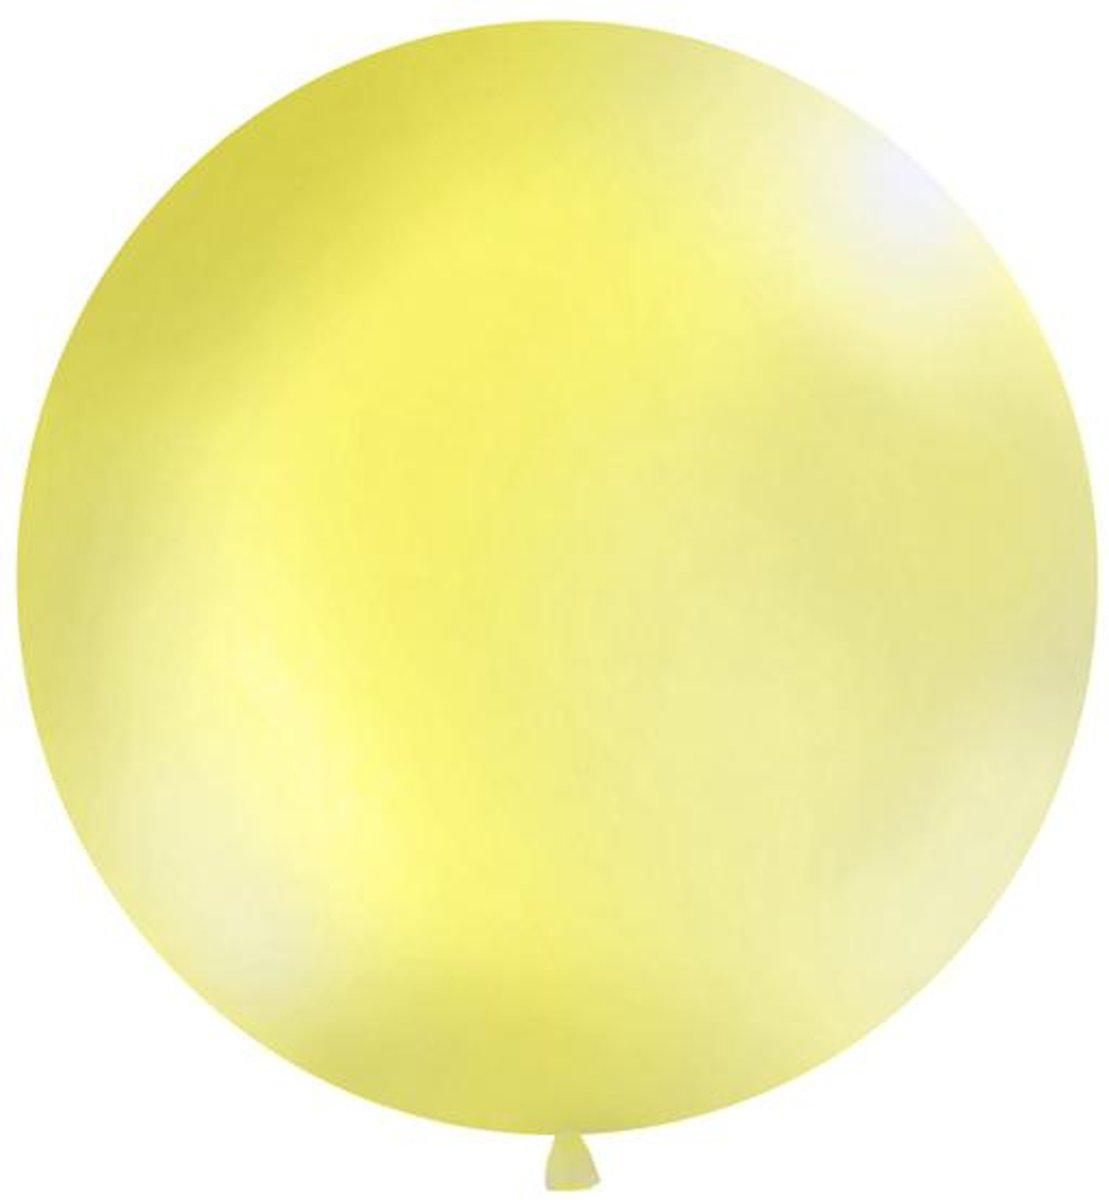 Balloon 1m, round, Pastel yellow